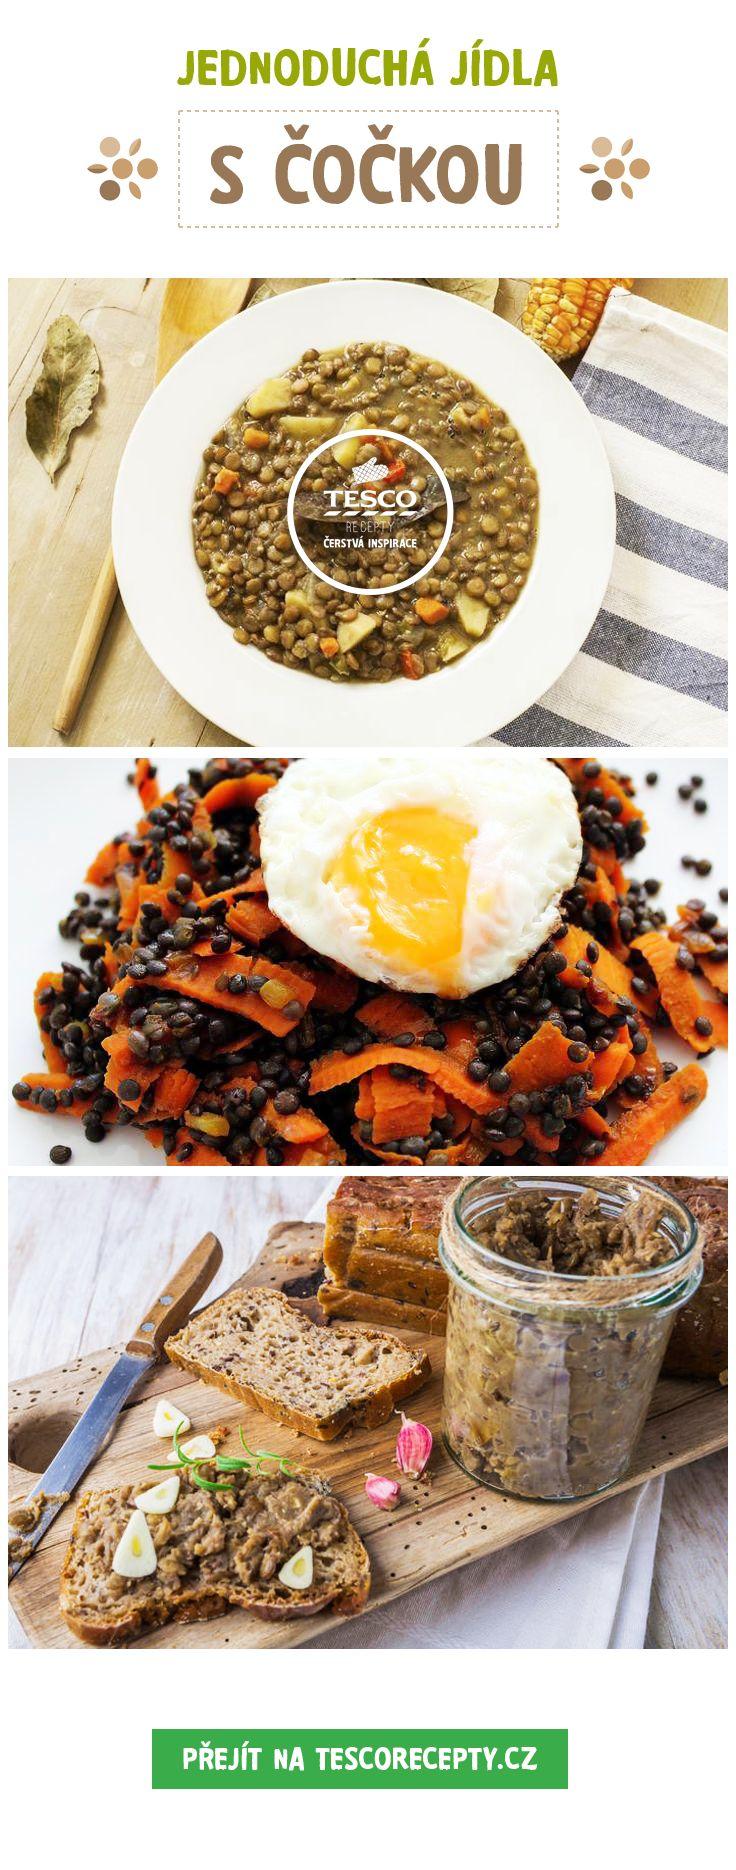 Připravte si jednoduchá a rychlá jídla s čočkou!